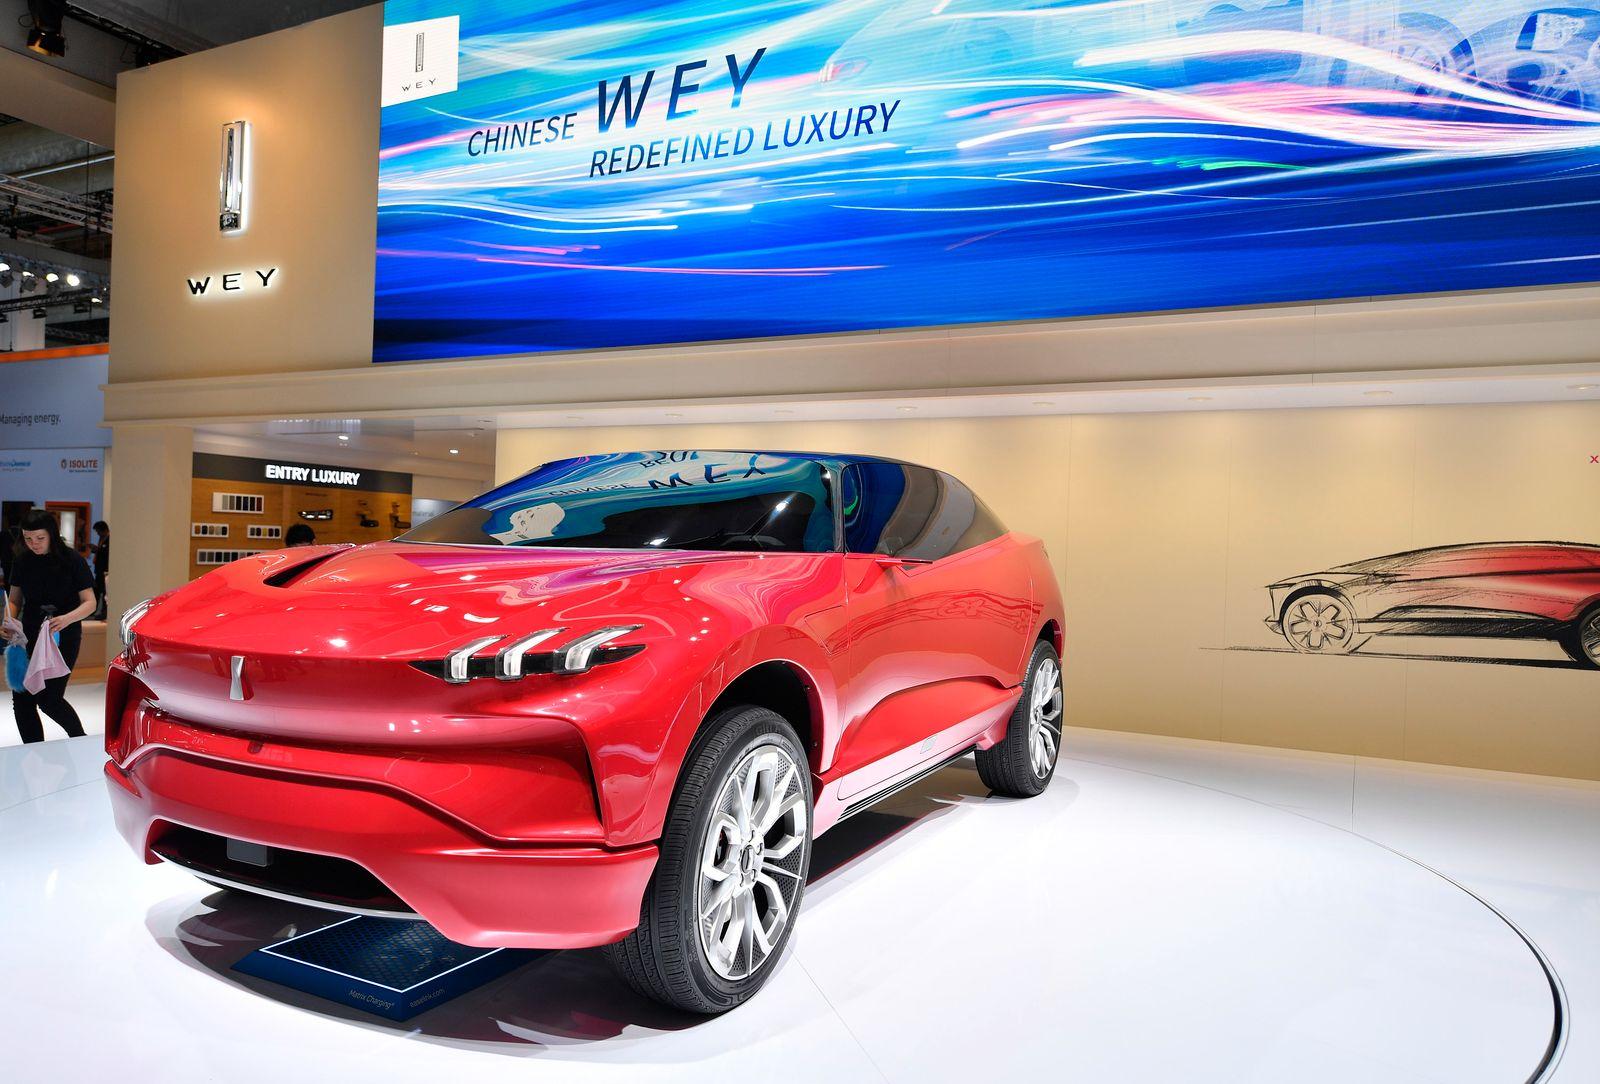 Wey luxury car